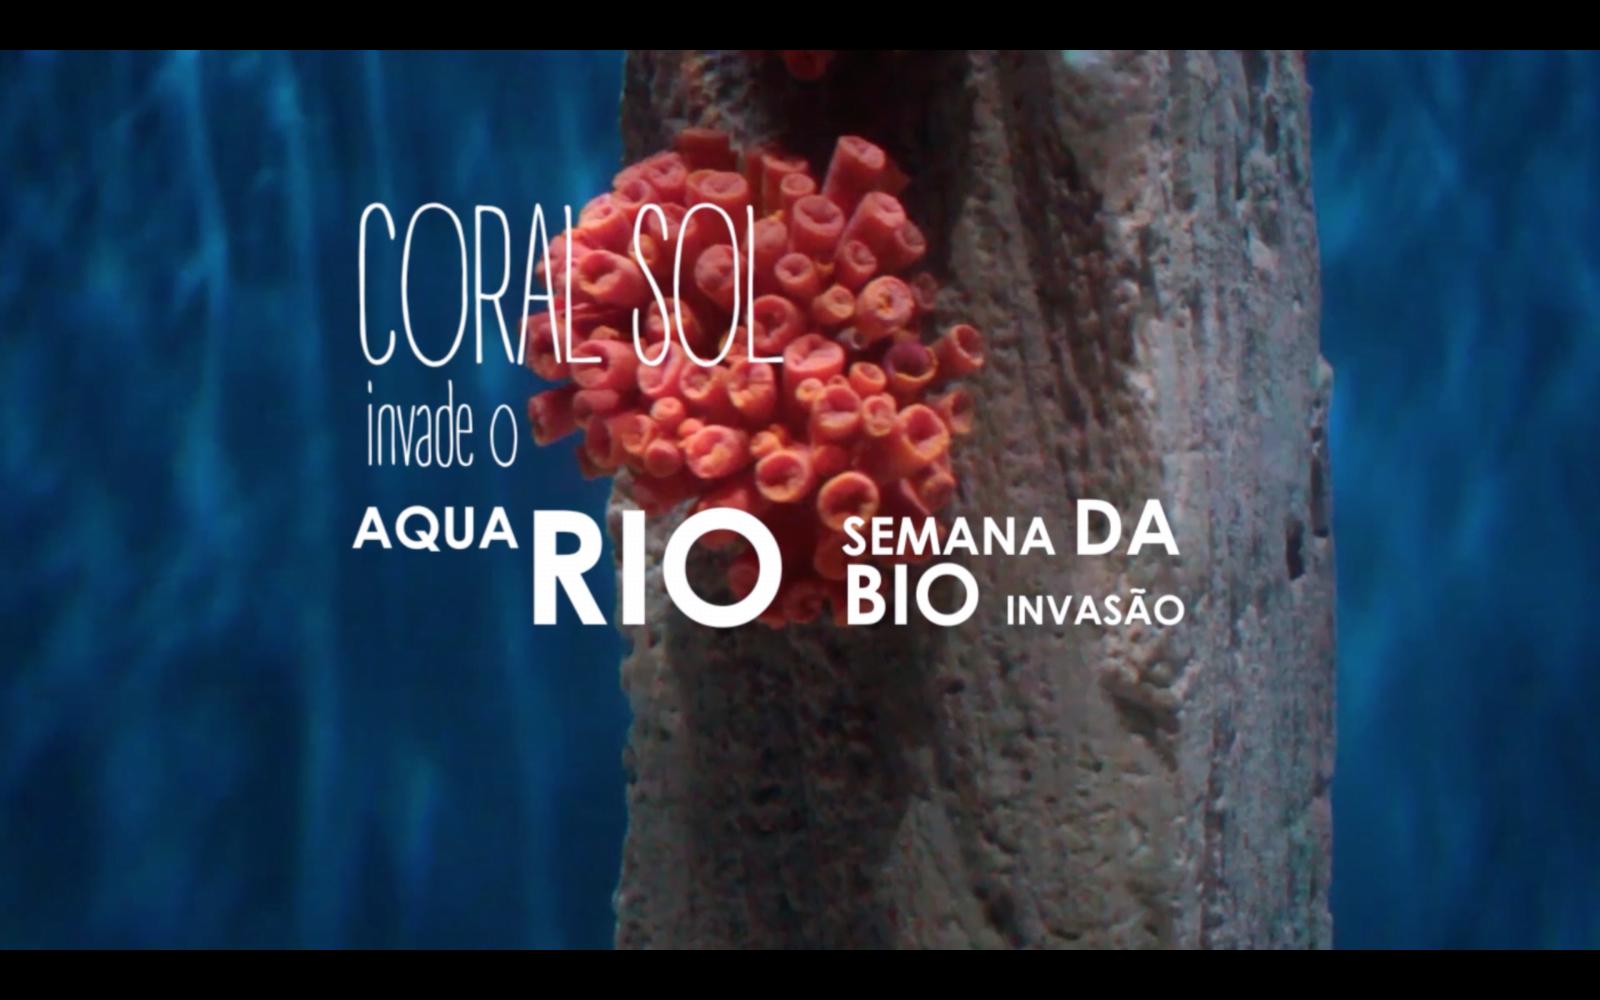 Coral-Sol invade o AquaRIO